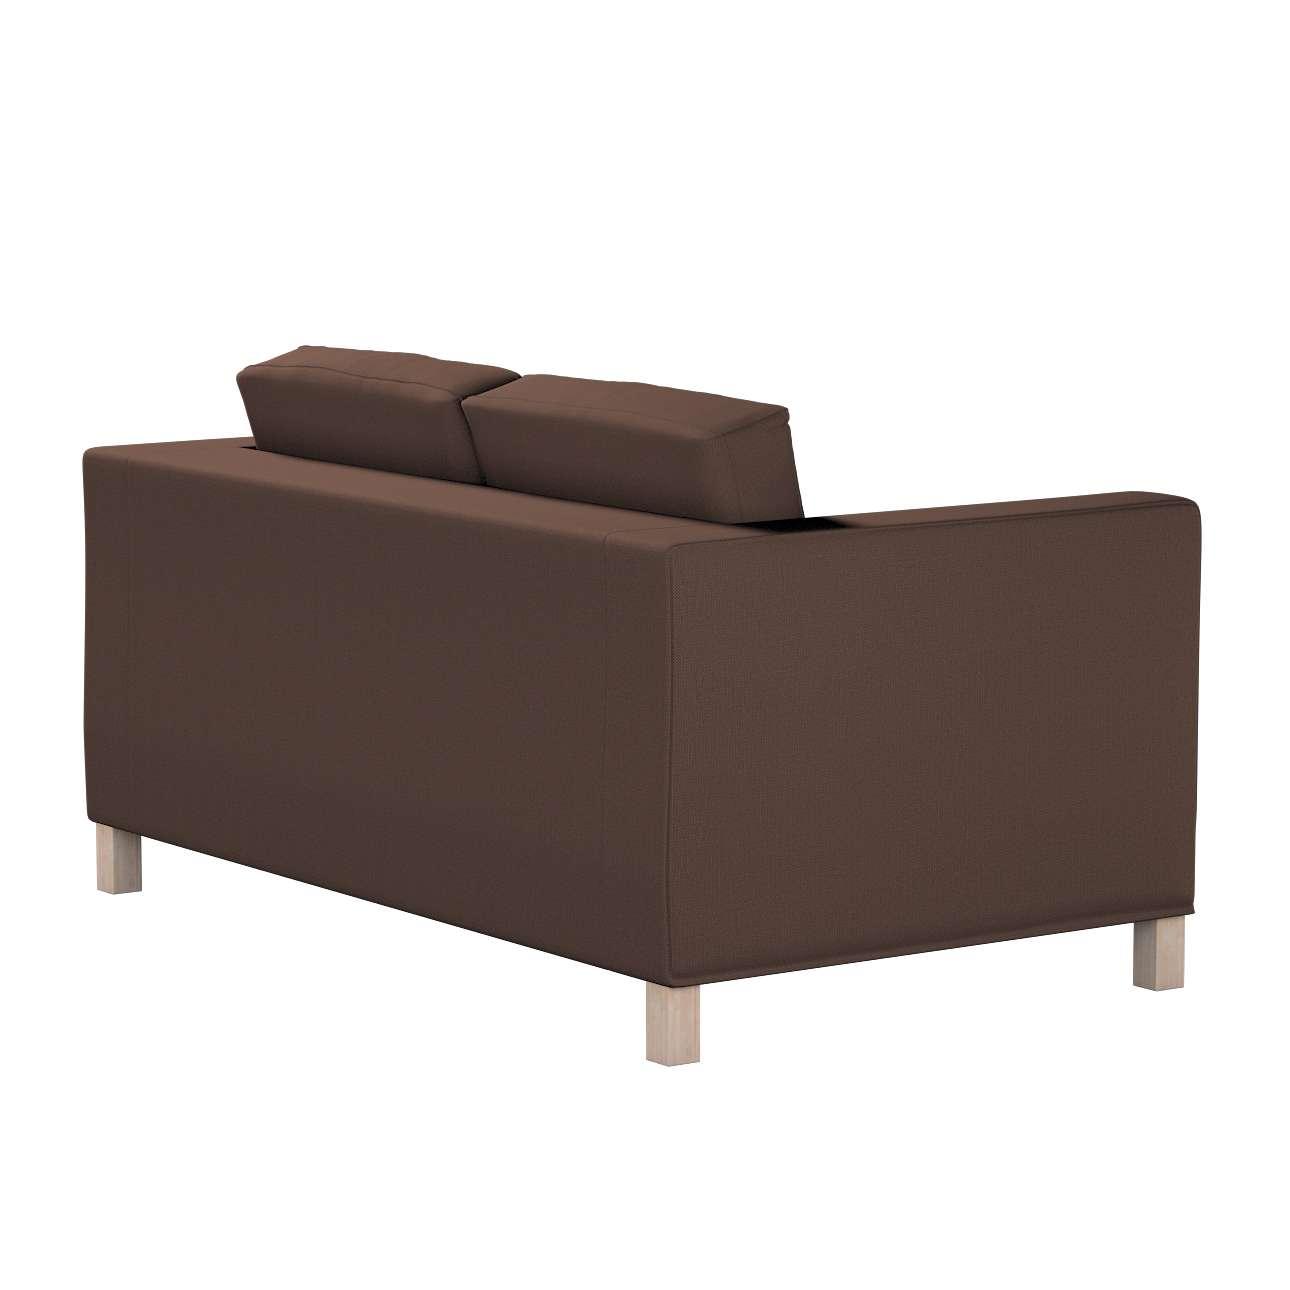 Bezug für Karlanda 2-Sitzer Sofa nicht ausklappbar, kurz von der Kollektion Bergen, Stoff: 161-73